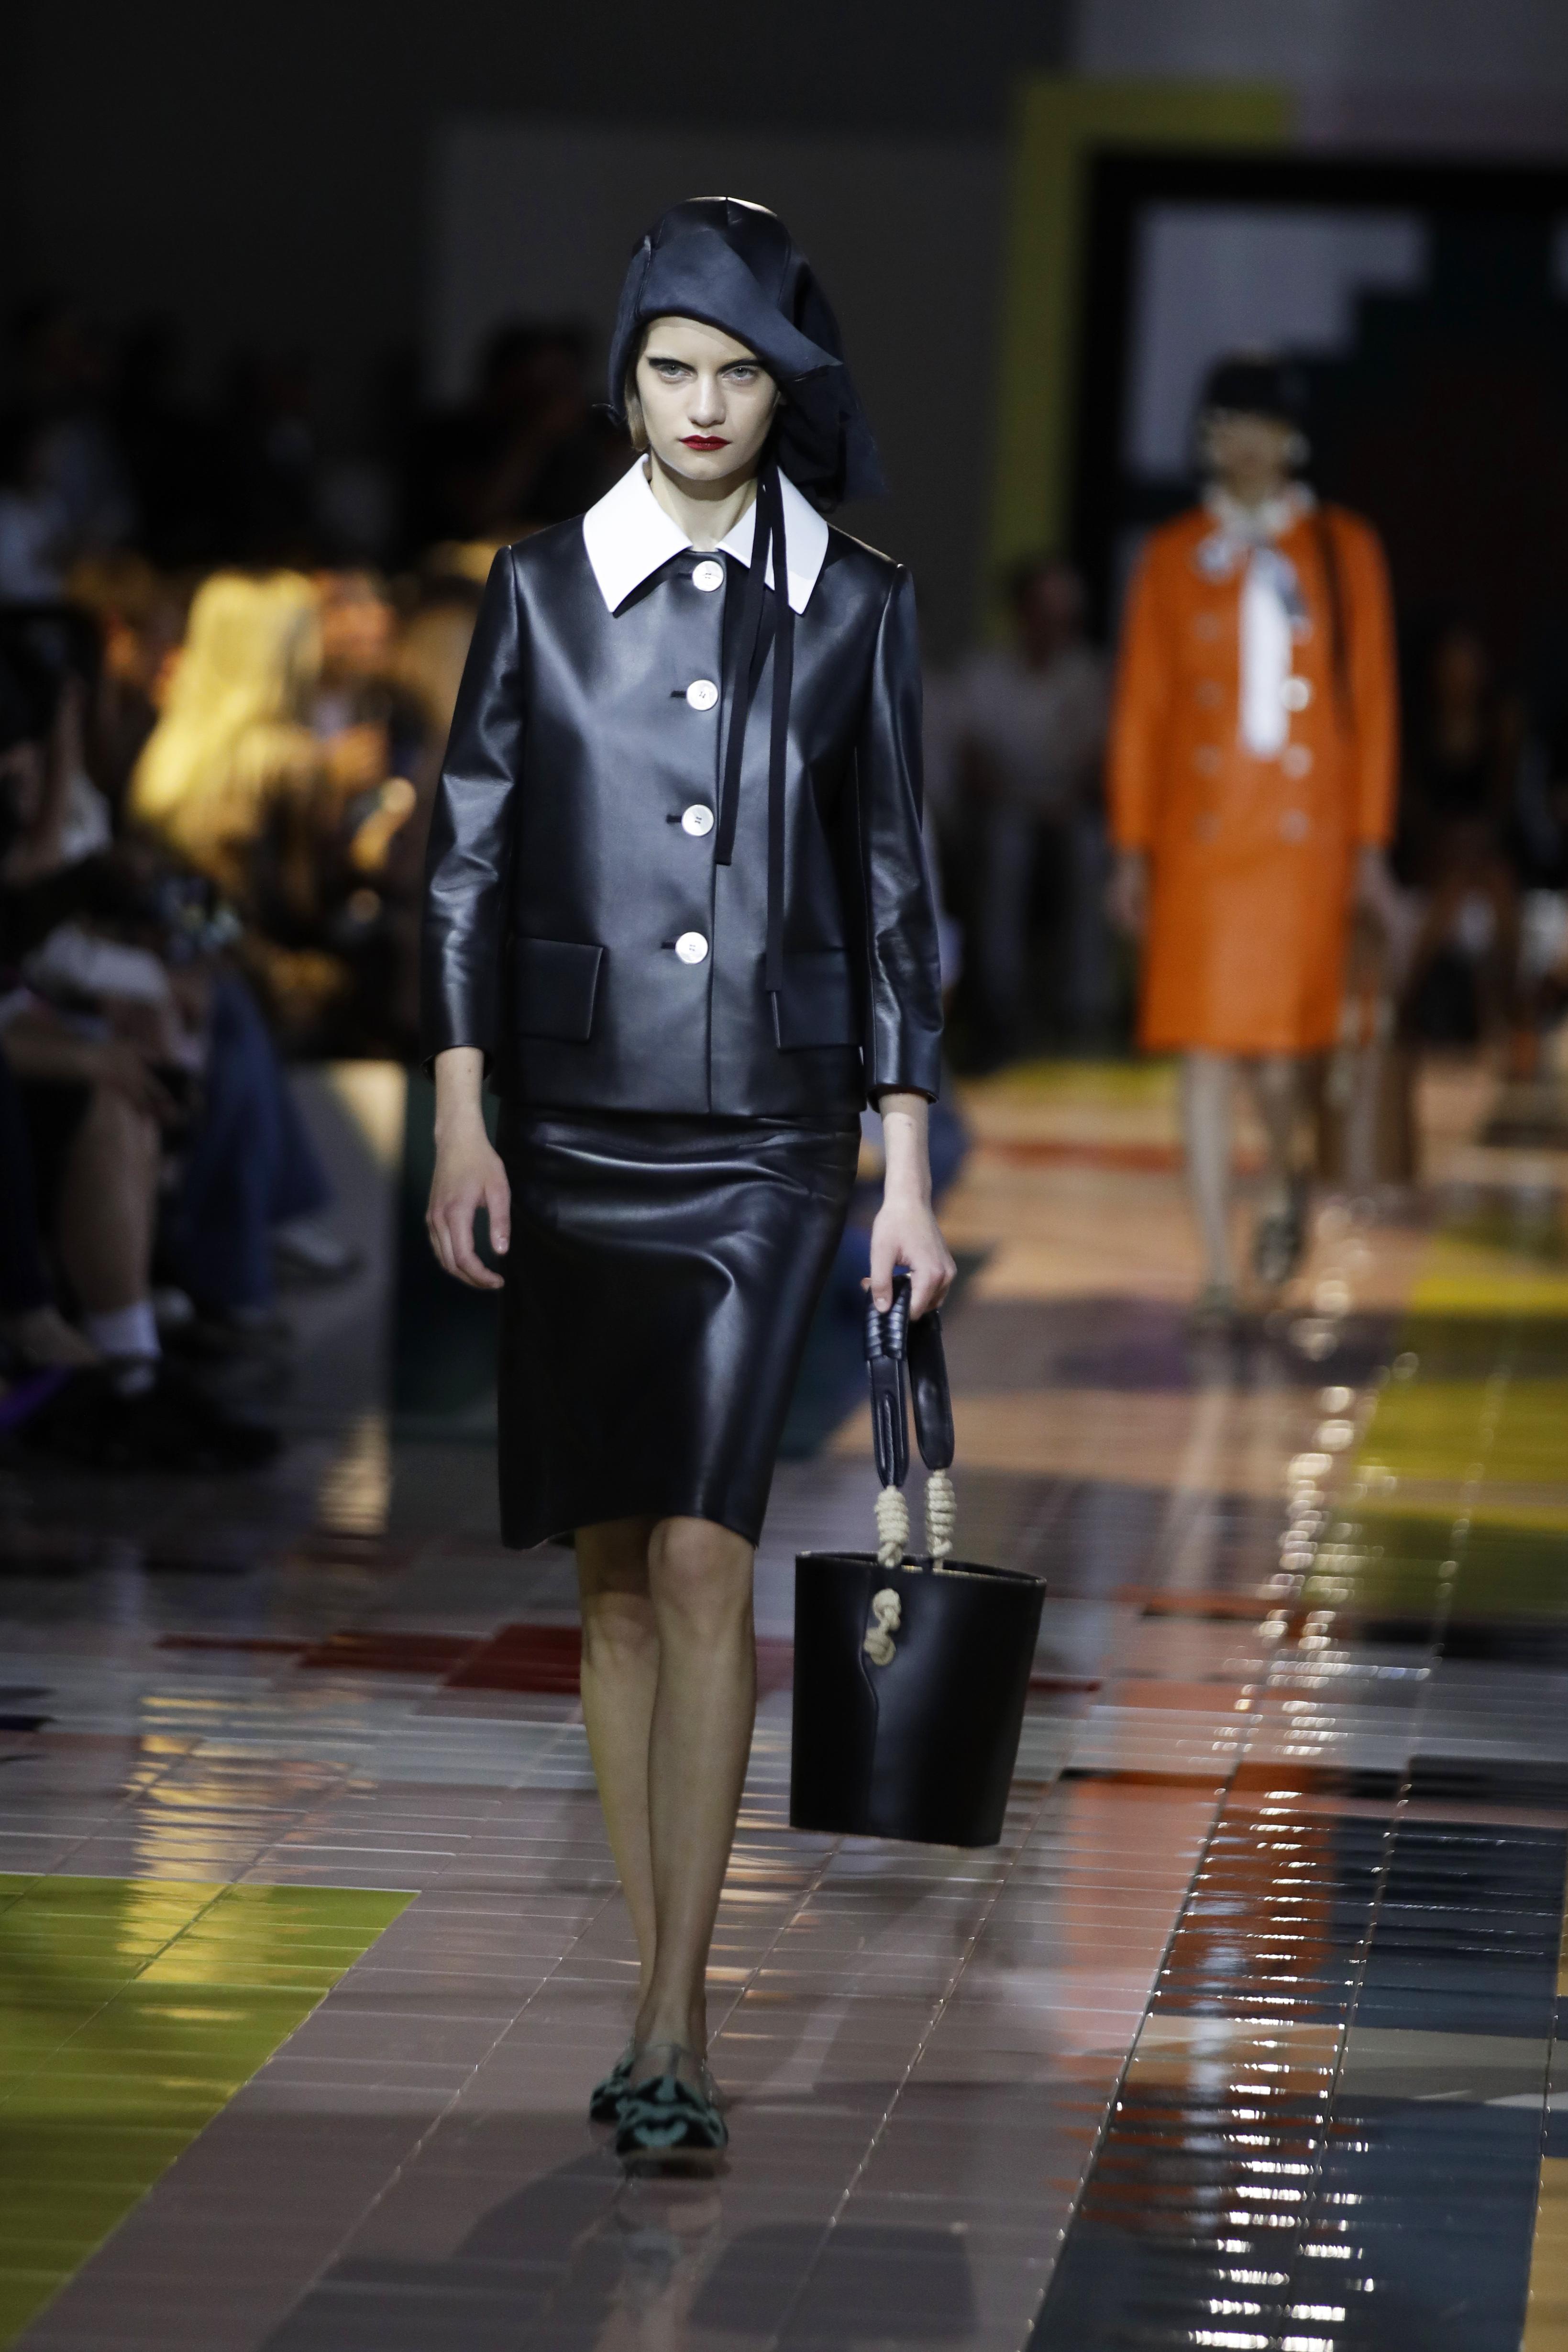 """La chaqueta negra con cuatro botones verticales en blanco compone un """"look"""" elegante con las solapas de una camisa blanca que se colocan por encima de la chaqueta y debajo una falda negra de silueta lápiz y botas altas. (AP)"""